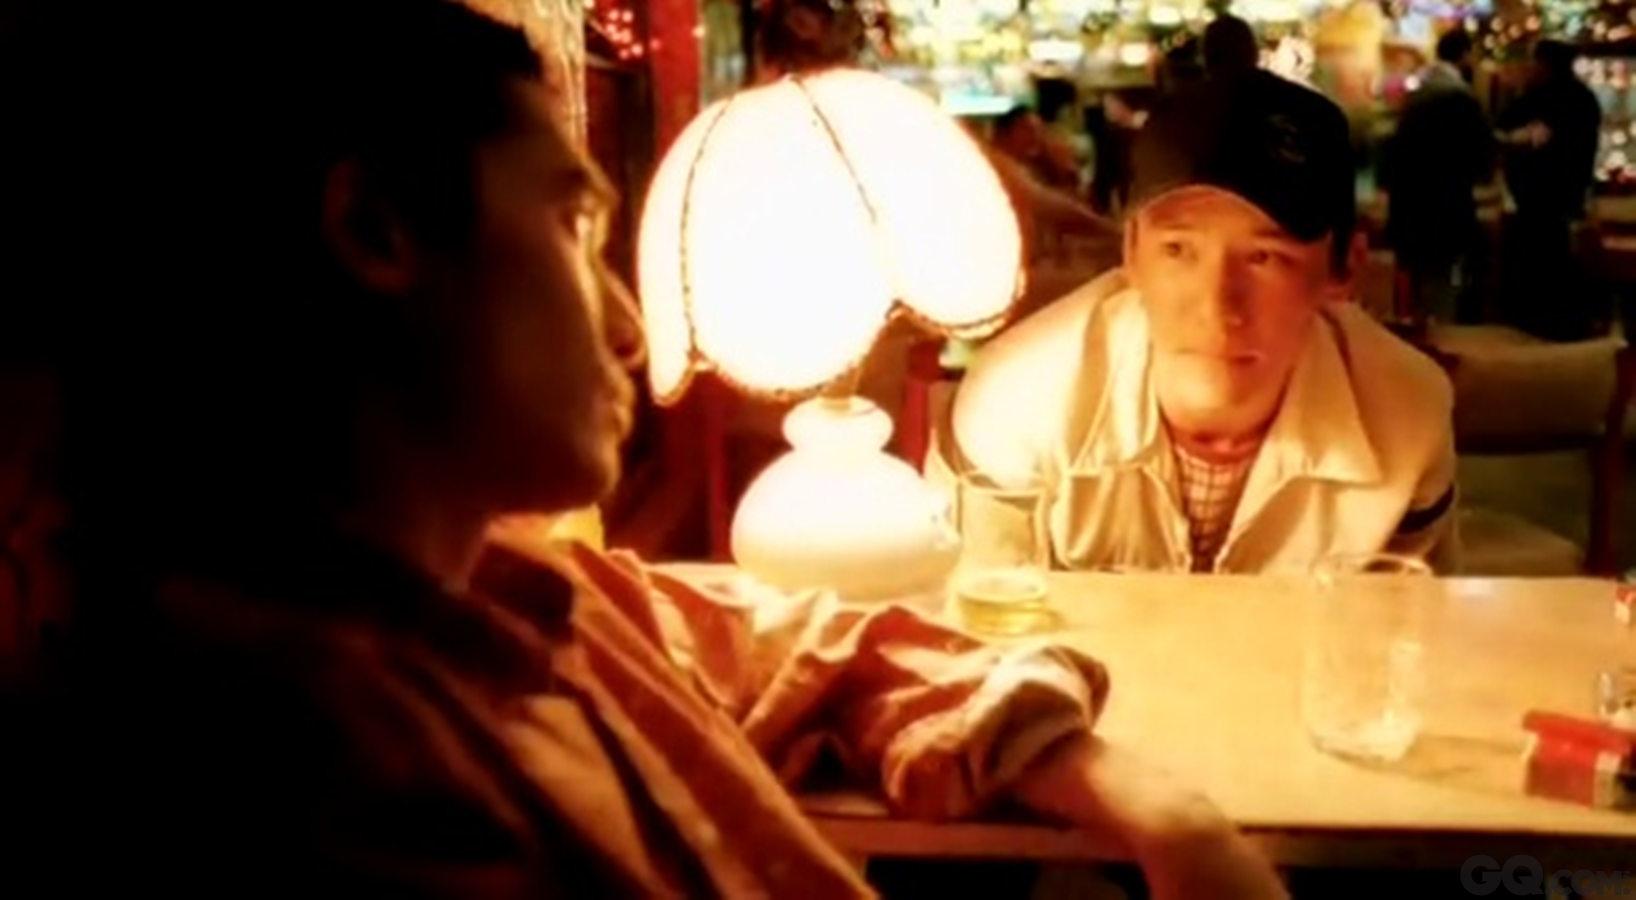 1997年,张震被香港导演王家卫赏识,与梁朝伟、张国荣合演《春光乍泄》。还凭此片角逐法国戛纳国际电影节最佳男主角,提名香港电影金像奖最佳男配角。而时至今日,张震与王家卫数度合作,张震已经不是当年的青涩小生,而是贵为影帝。但是,在王家卫面前,张震依旧谦逊低调,听从指挥。